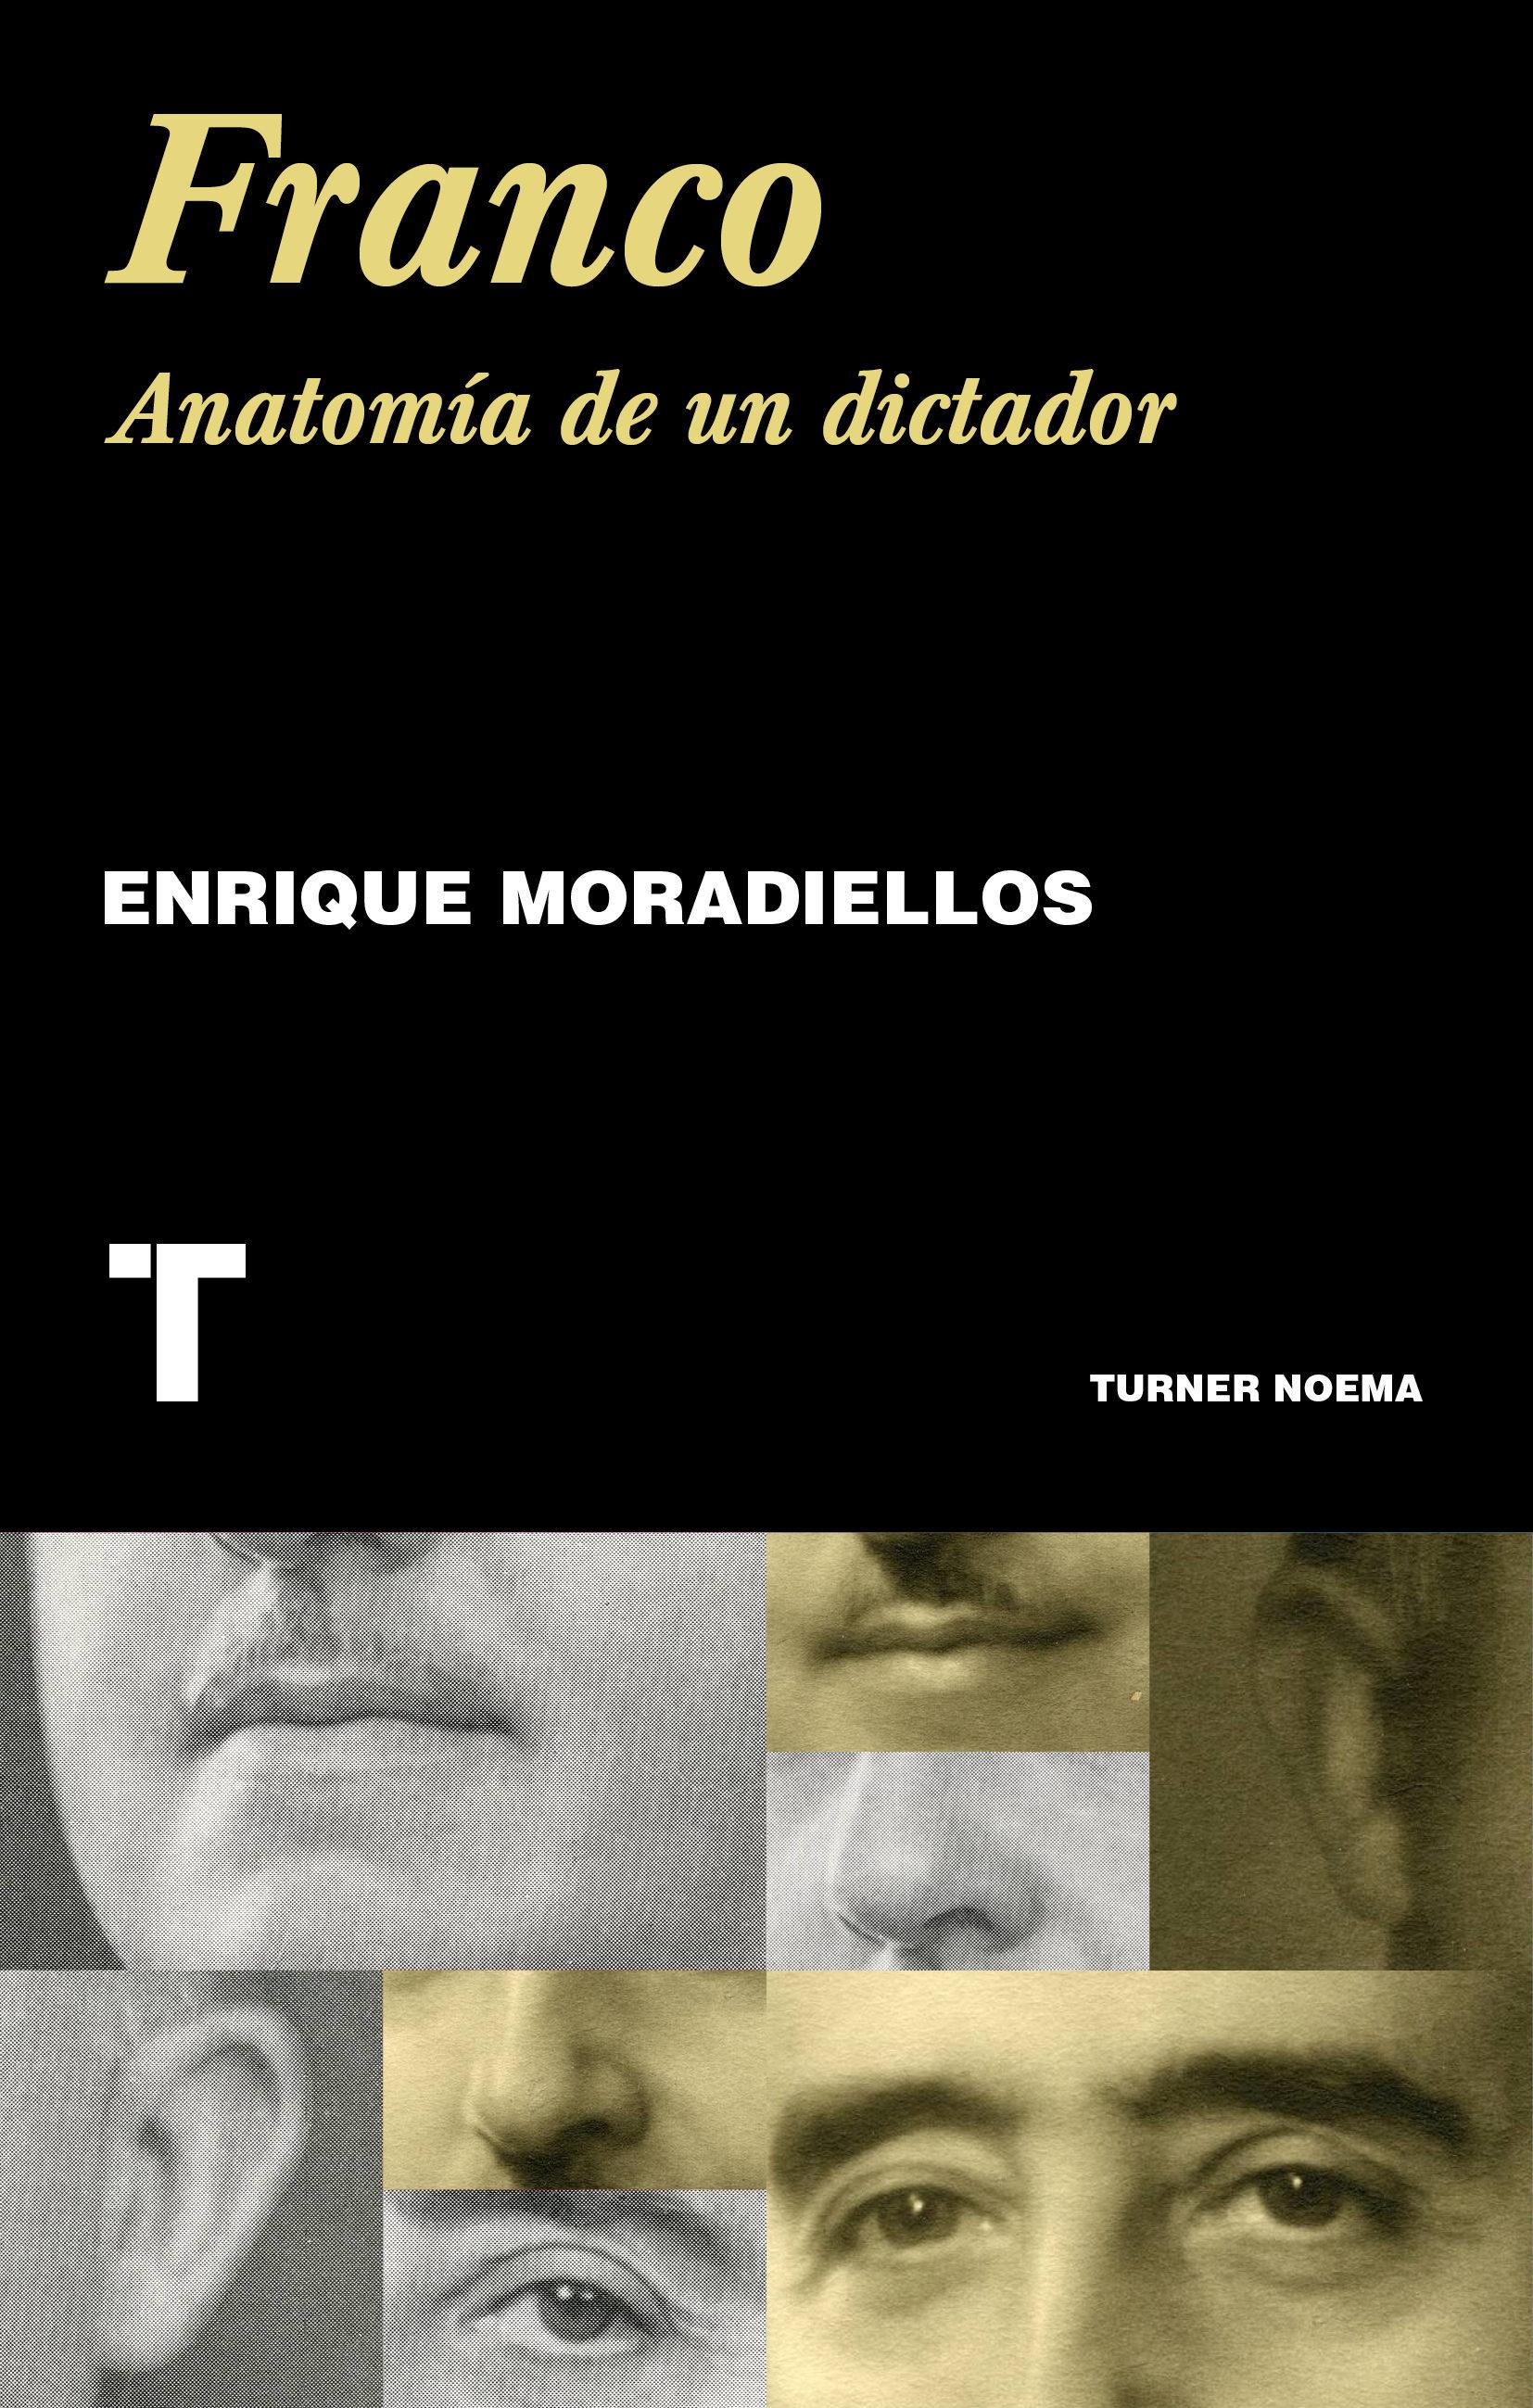 franco-enrique moradiellos-9788417141691